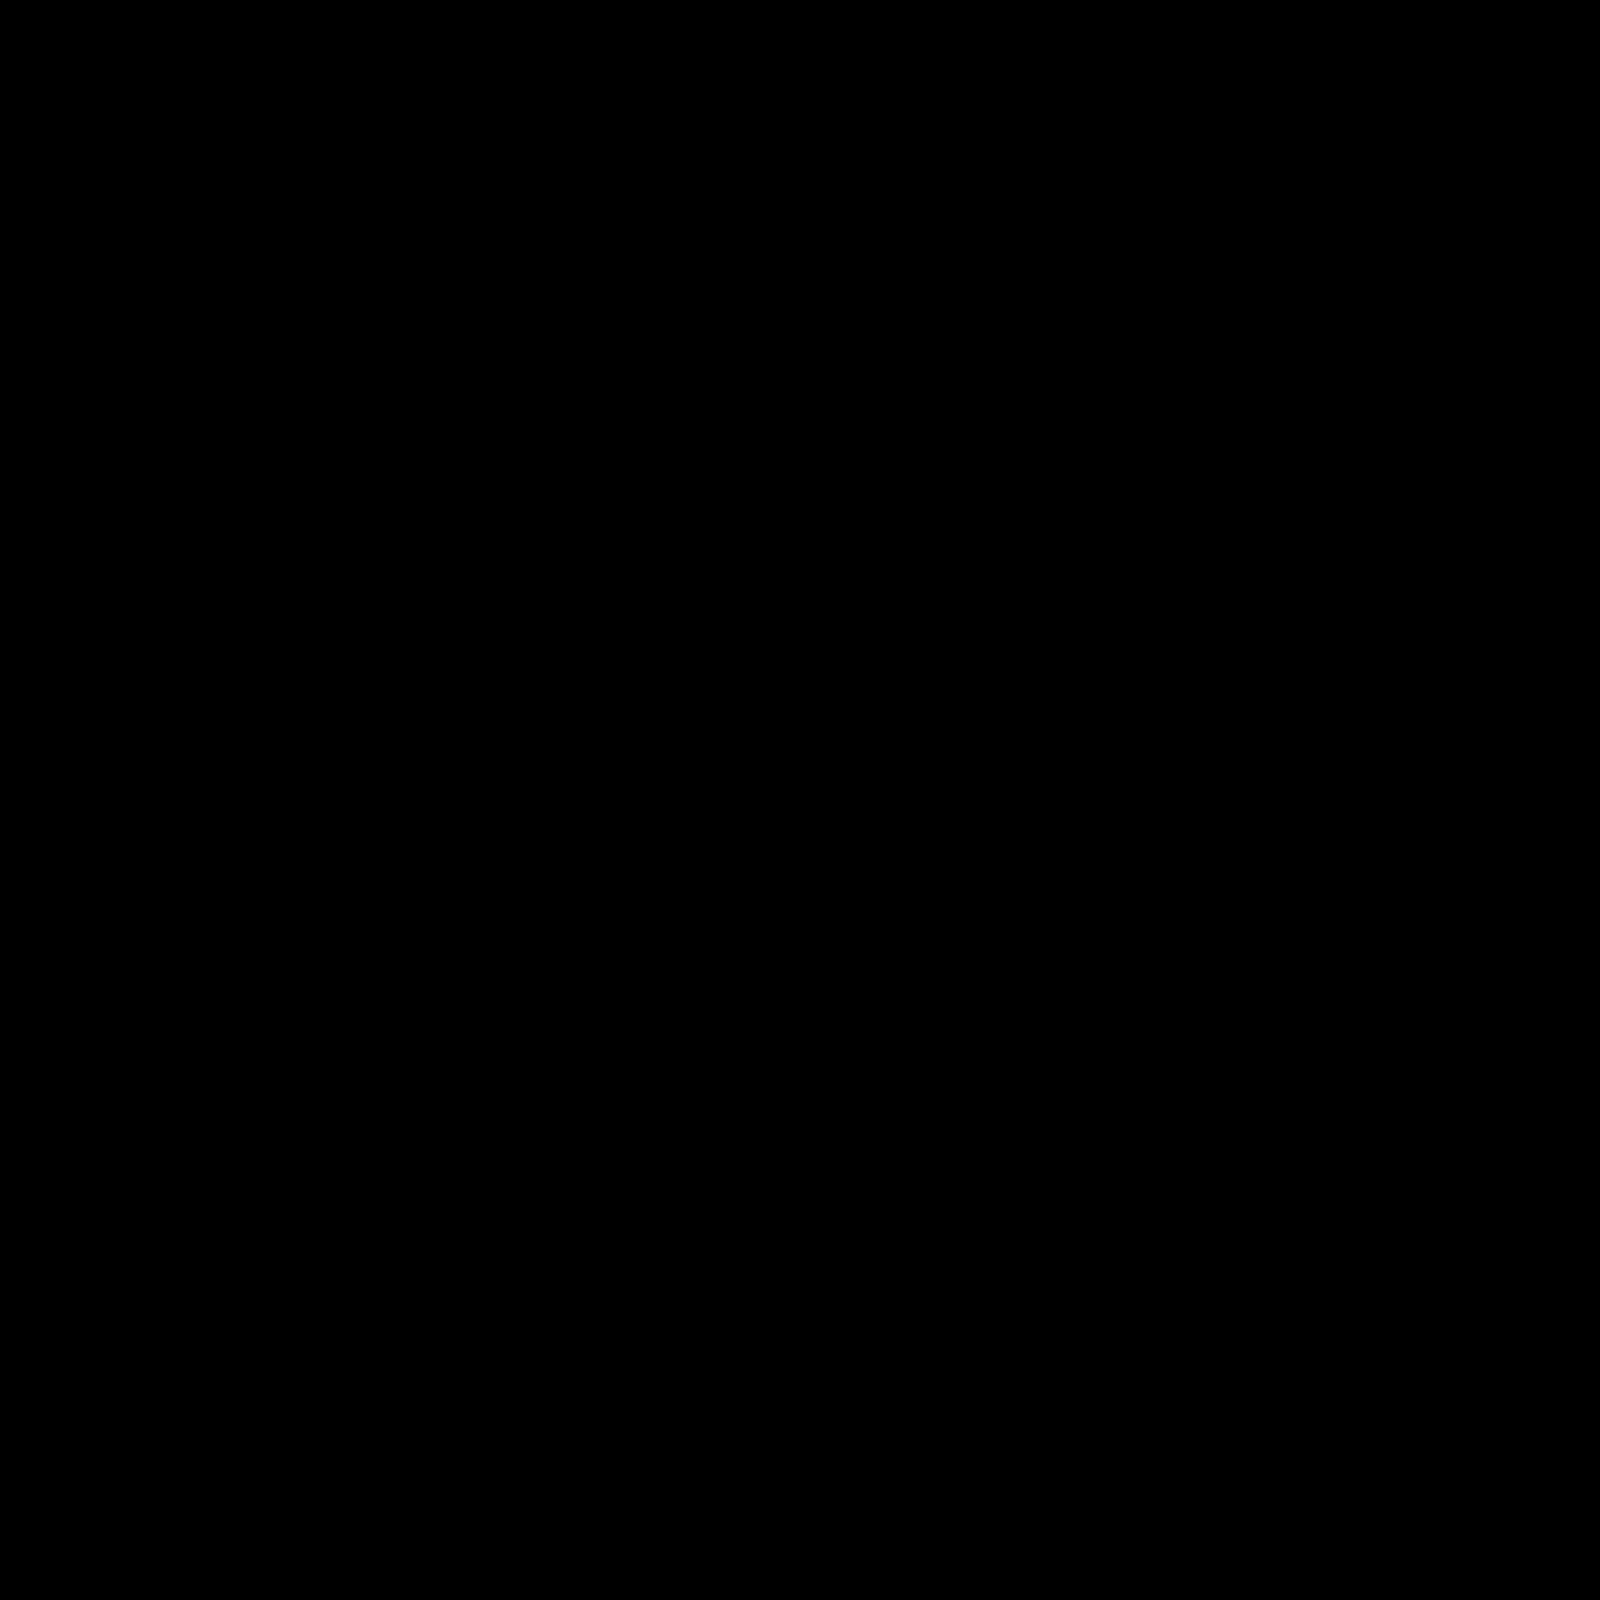 Dźwig icon